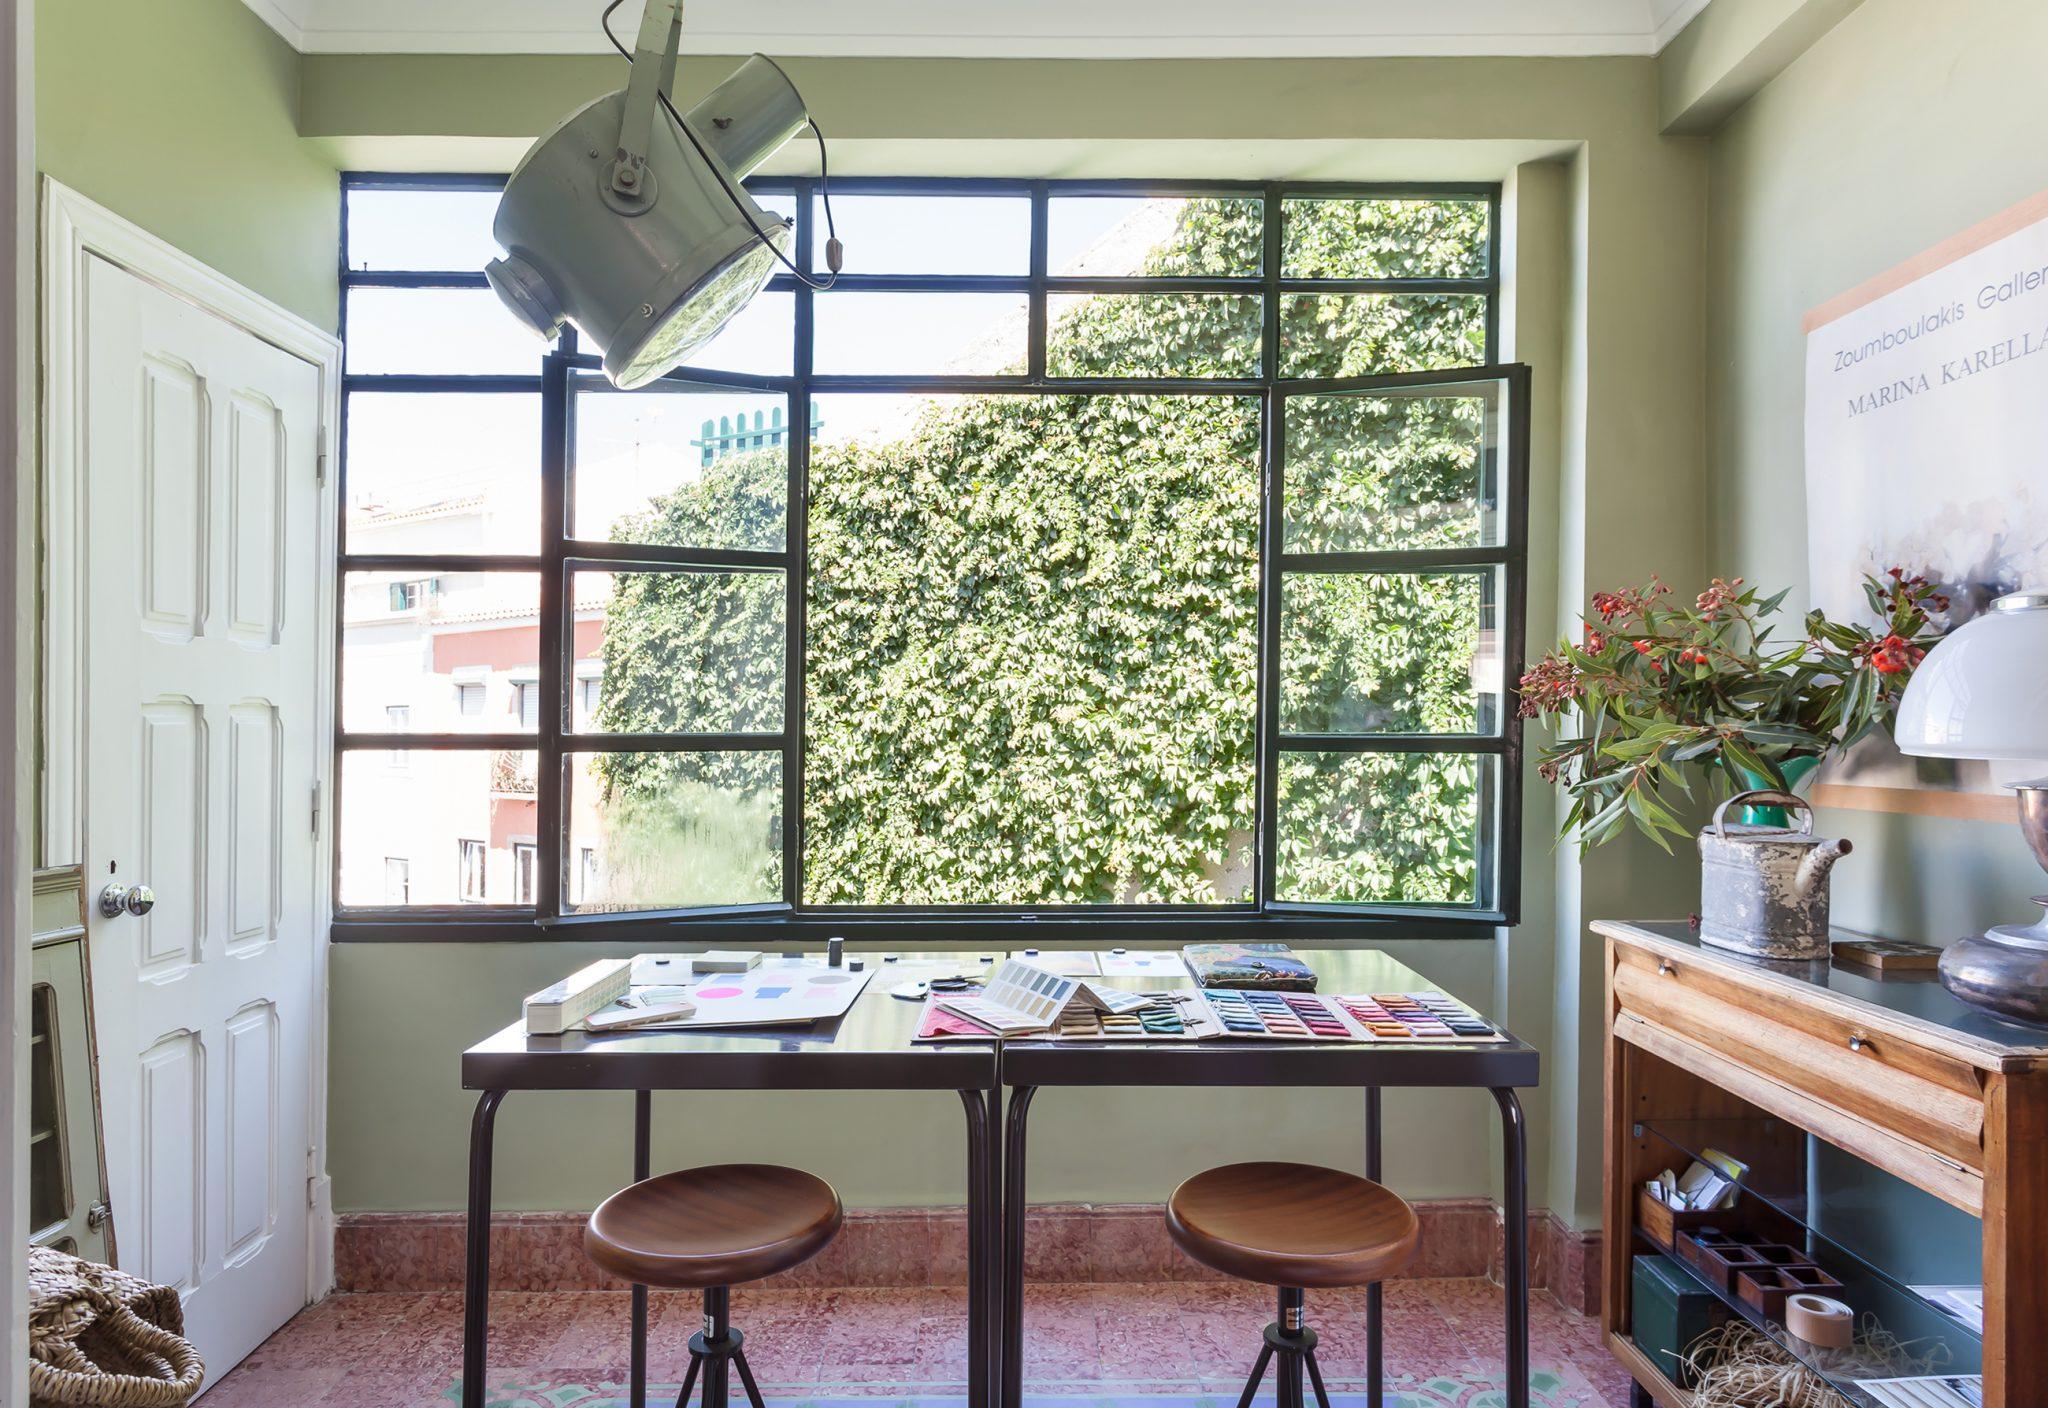 Ap decoração home office verde janela grande